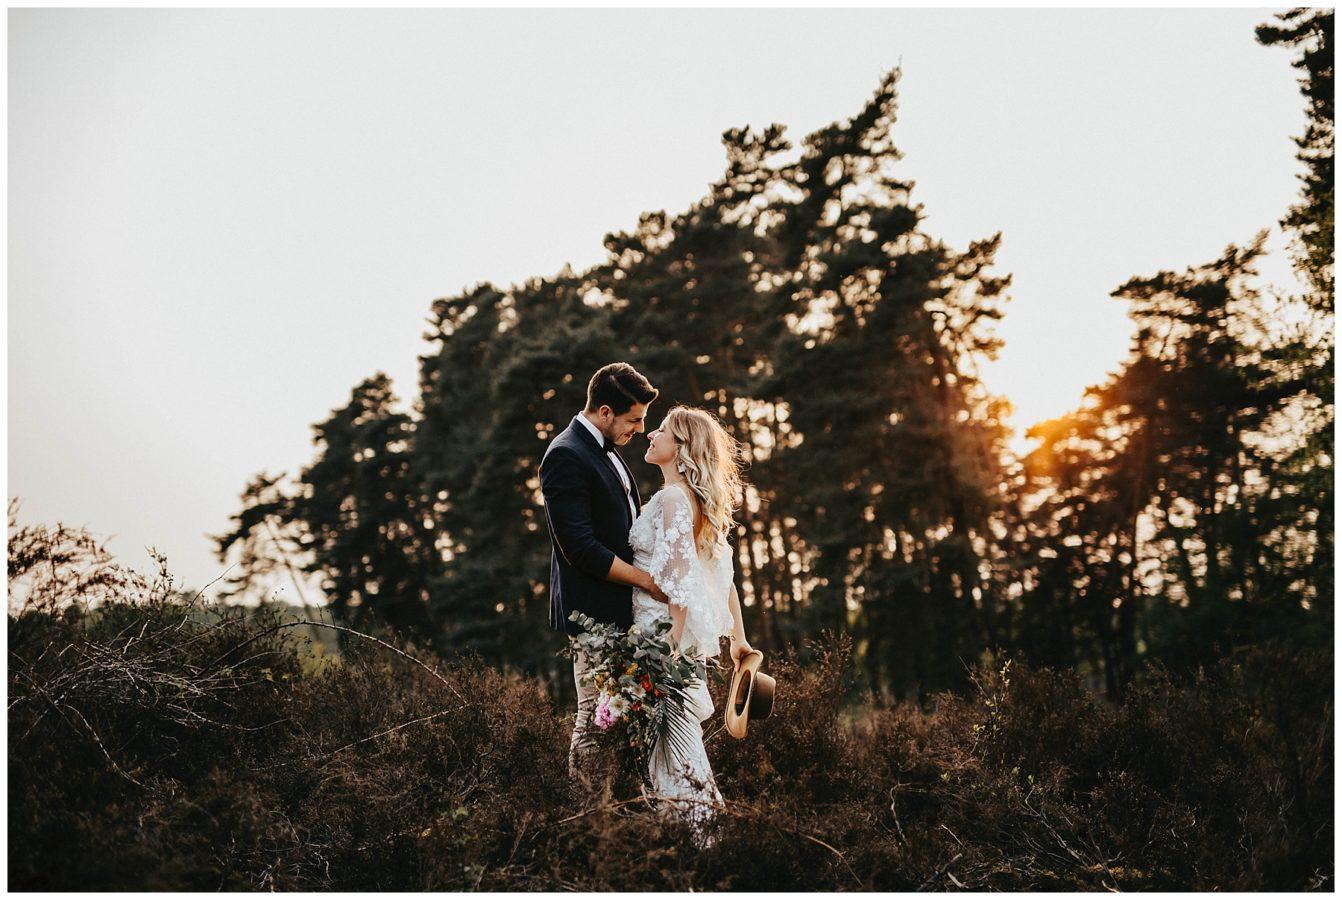 Hochzeitsfotografen in Speyer. Natürliche Hochzeitsfotos und authentische Hochzeitsreportagen. Hochzeitsfotografen Kathi und Martin in Speyer, Mannheim, Heidelberg und Bad Dürkheim.